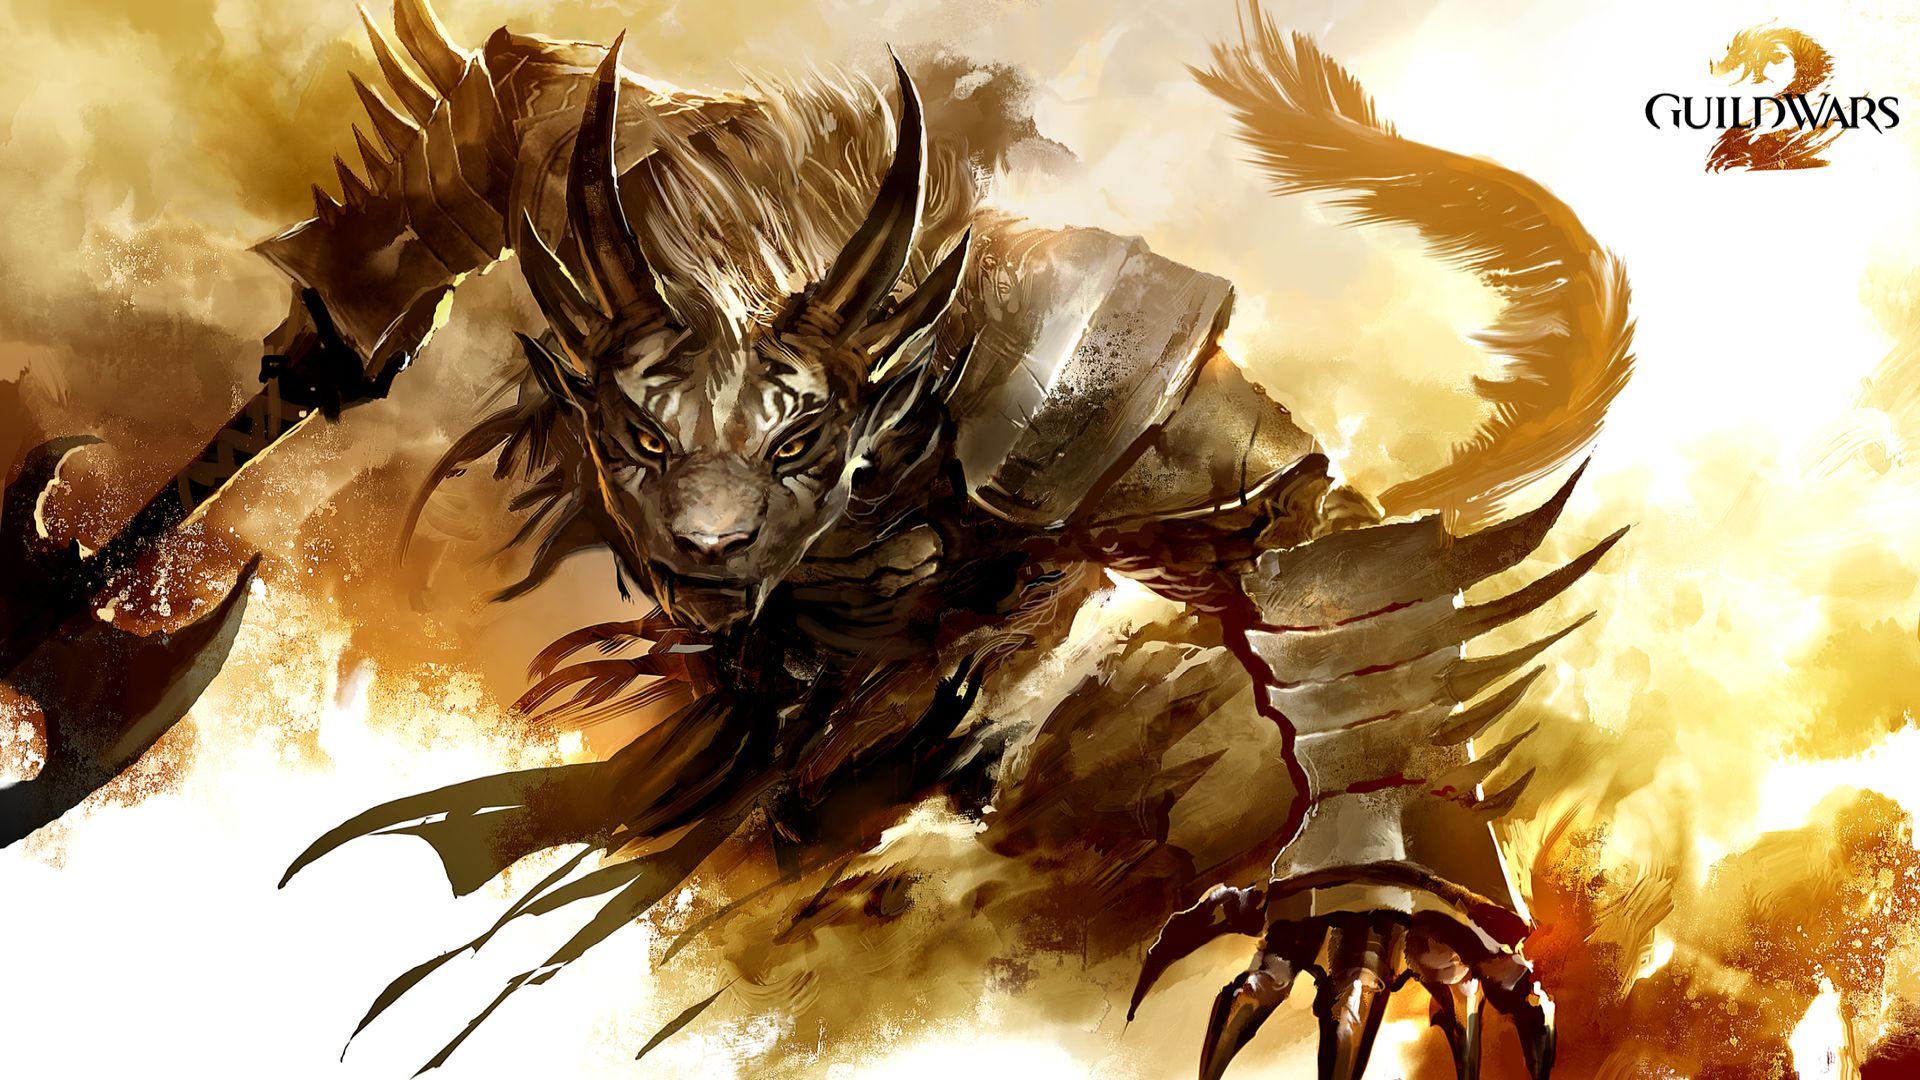 Unterwegs in Guild Wars 2 mit den neuen Pazifisten-Katzen!